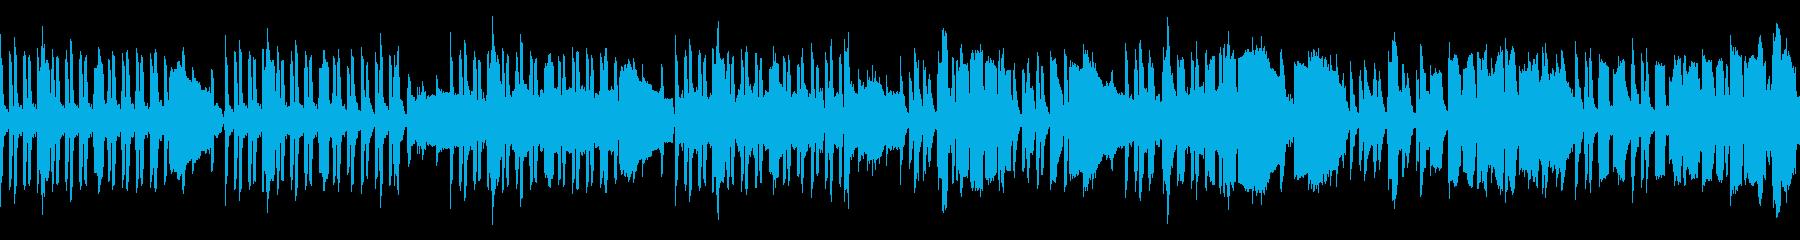 ほのぼの系動物や子供に合うBGM/ループの再生済みの波形